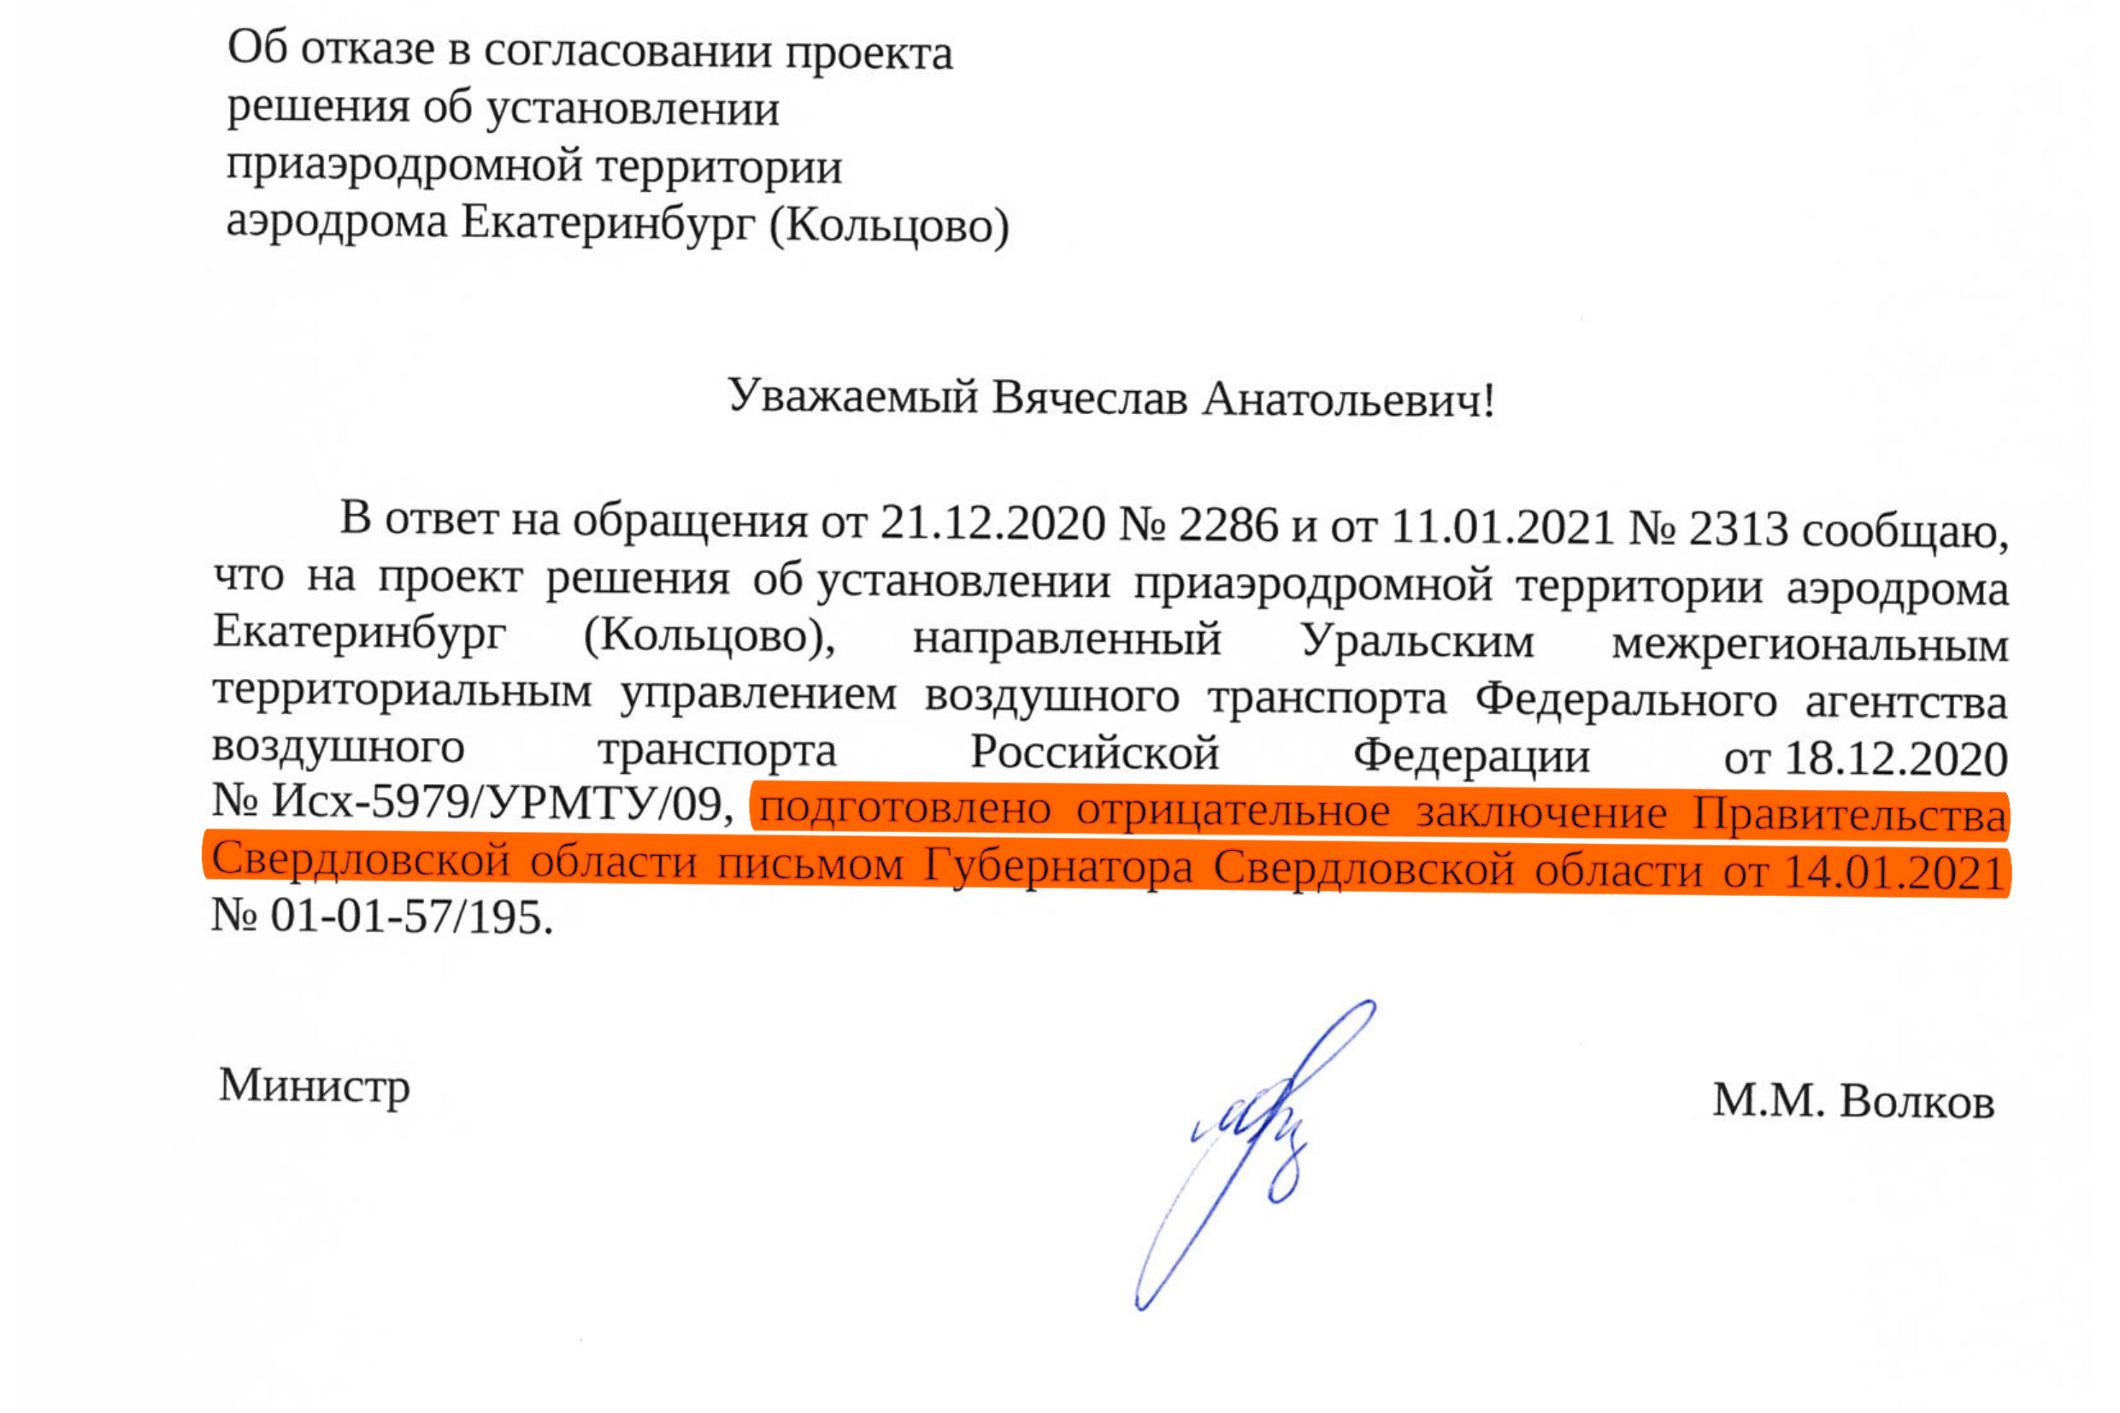 Правительство области вынесло отрицательное заключение по ПАТ